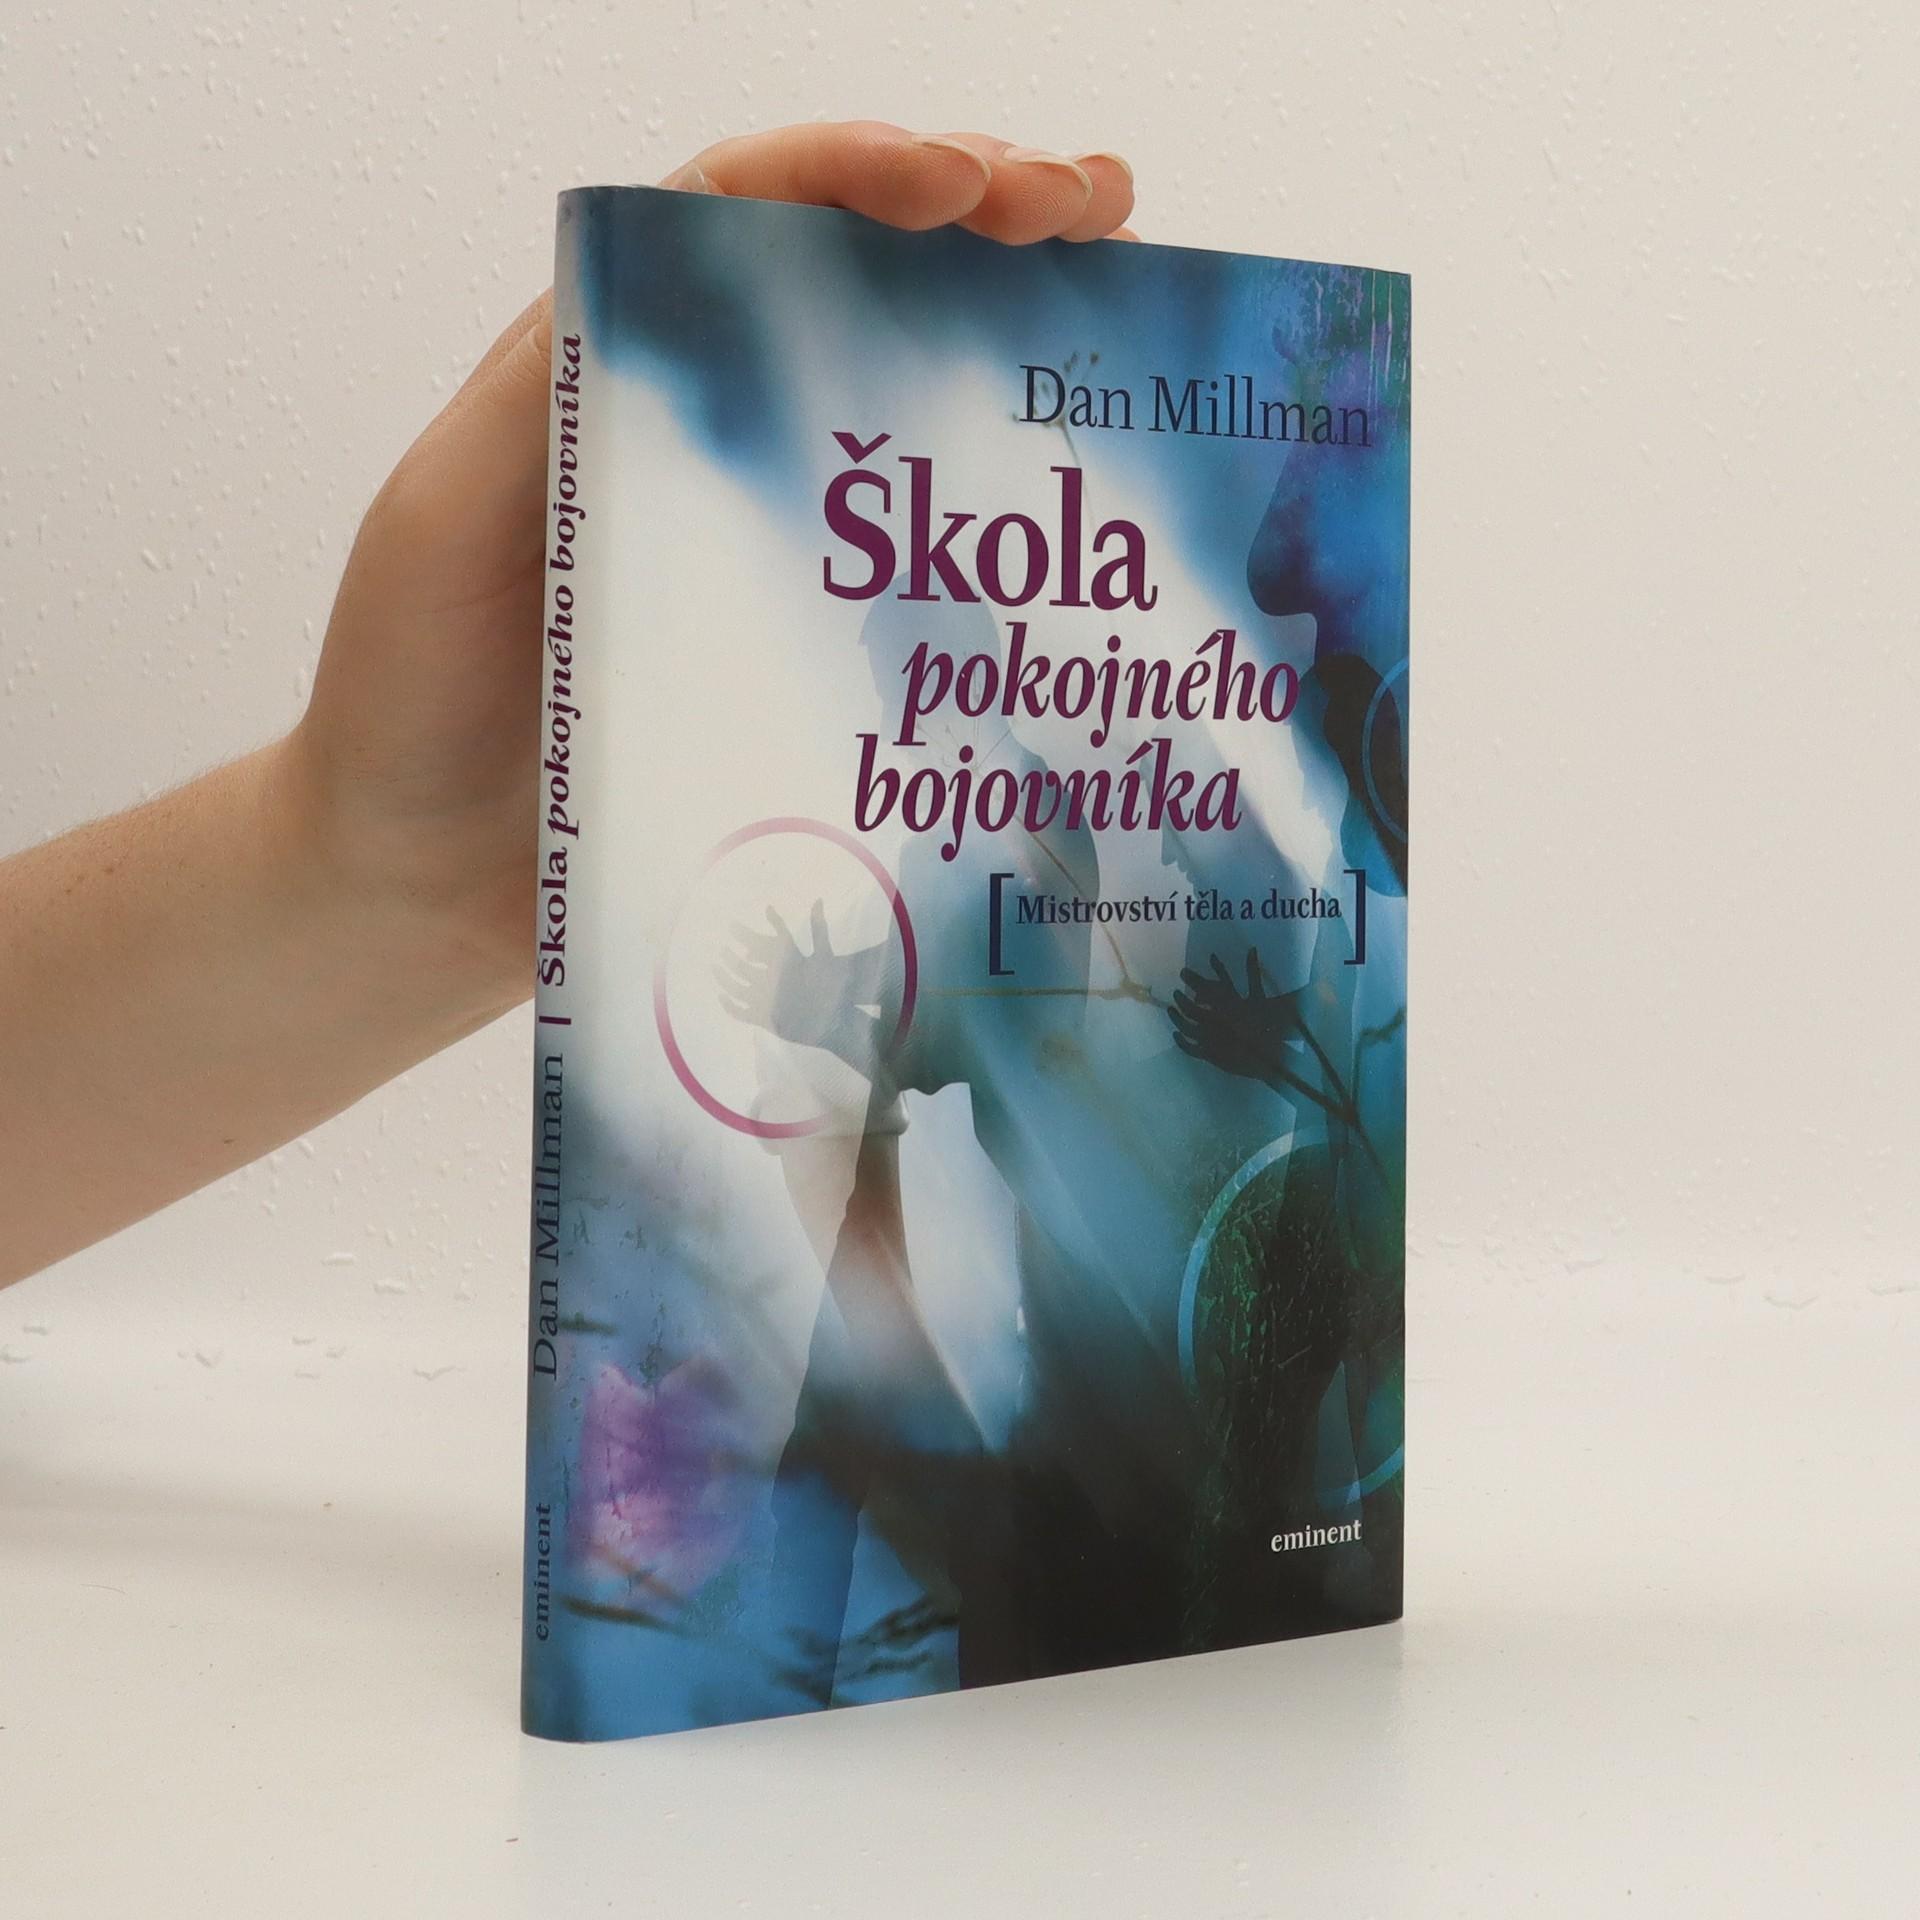 antikvární kniha Škola pokojného bojovníka. Mistrovství těla a ducha, 2006